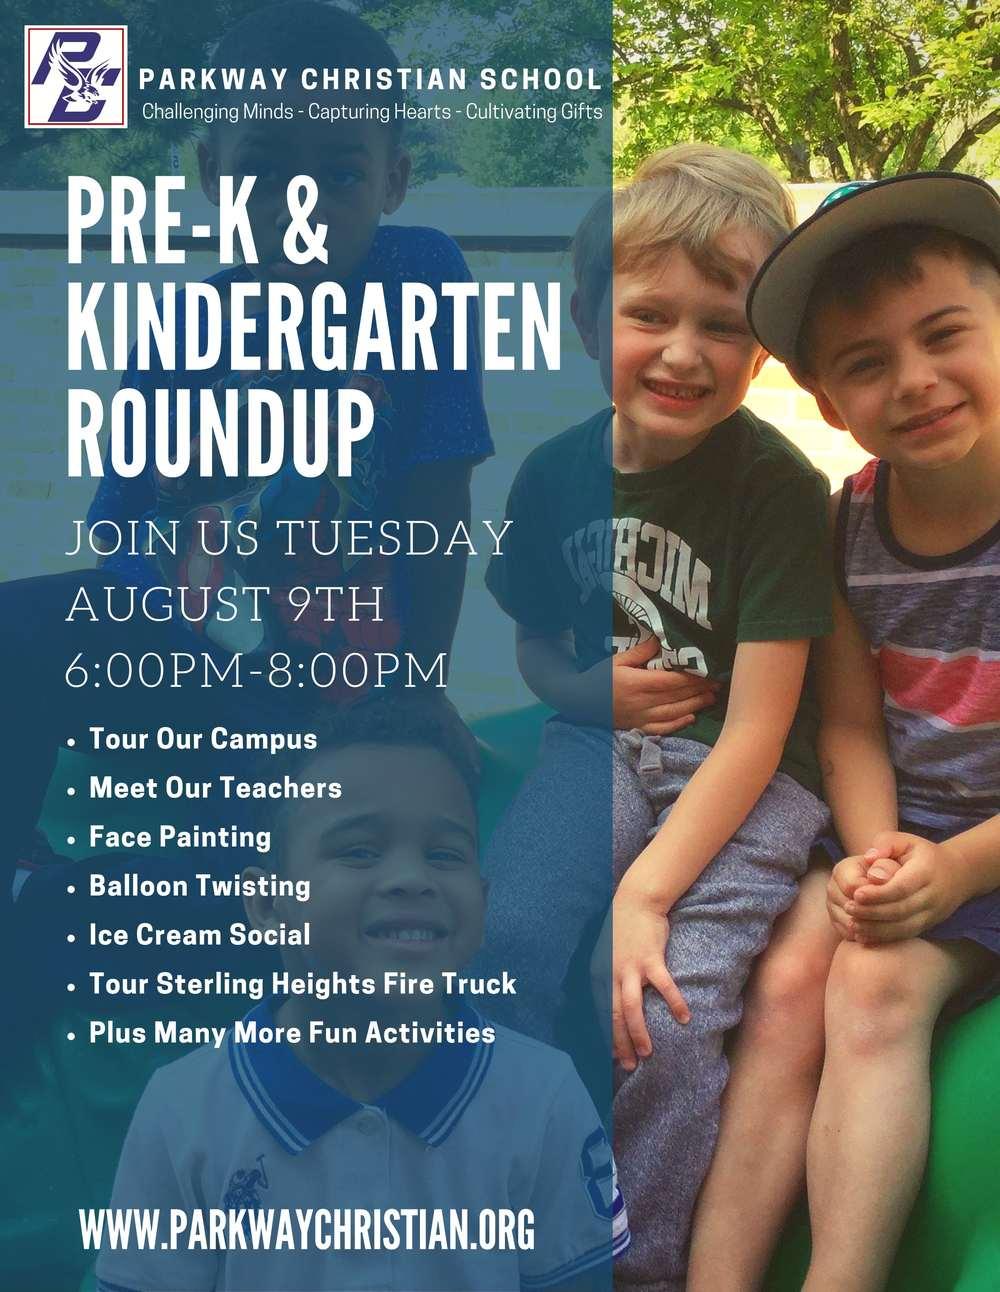 PCS Pre-K & Kindergarten Roundup